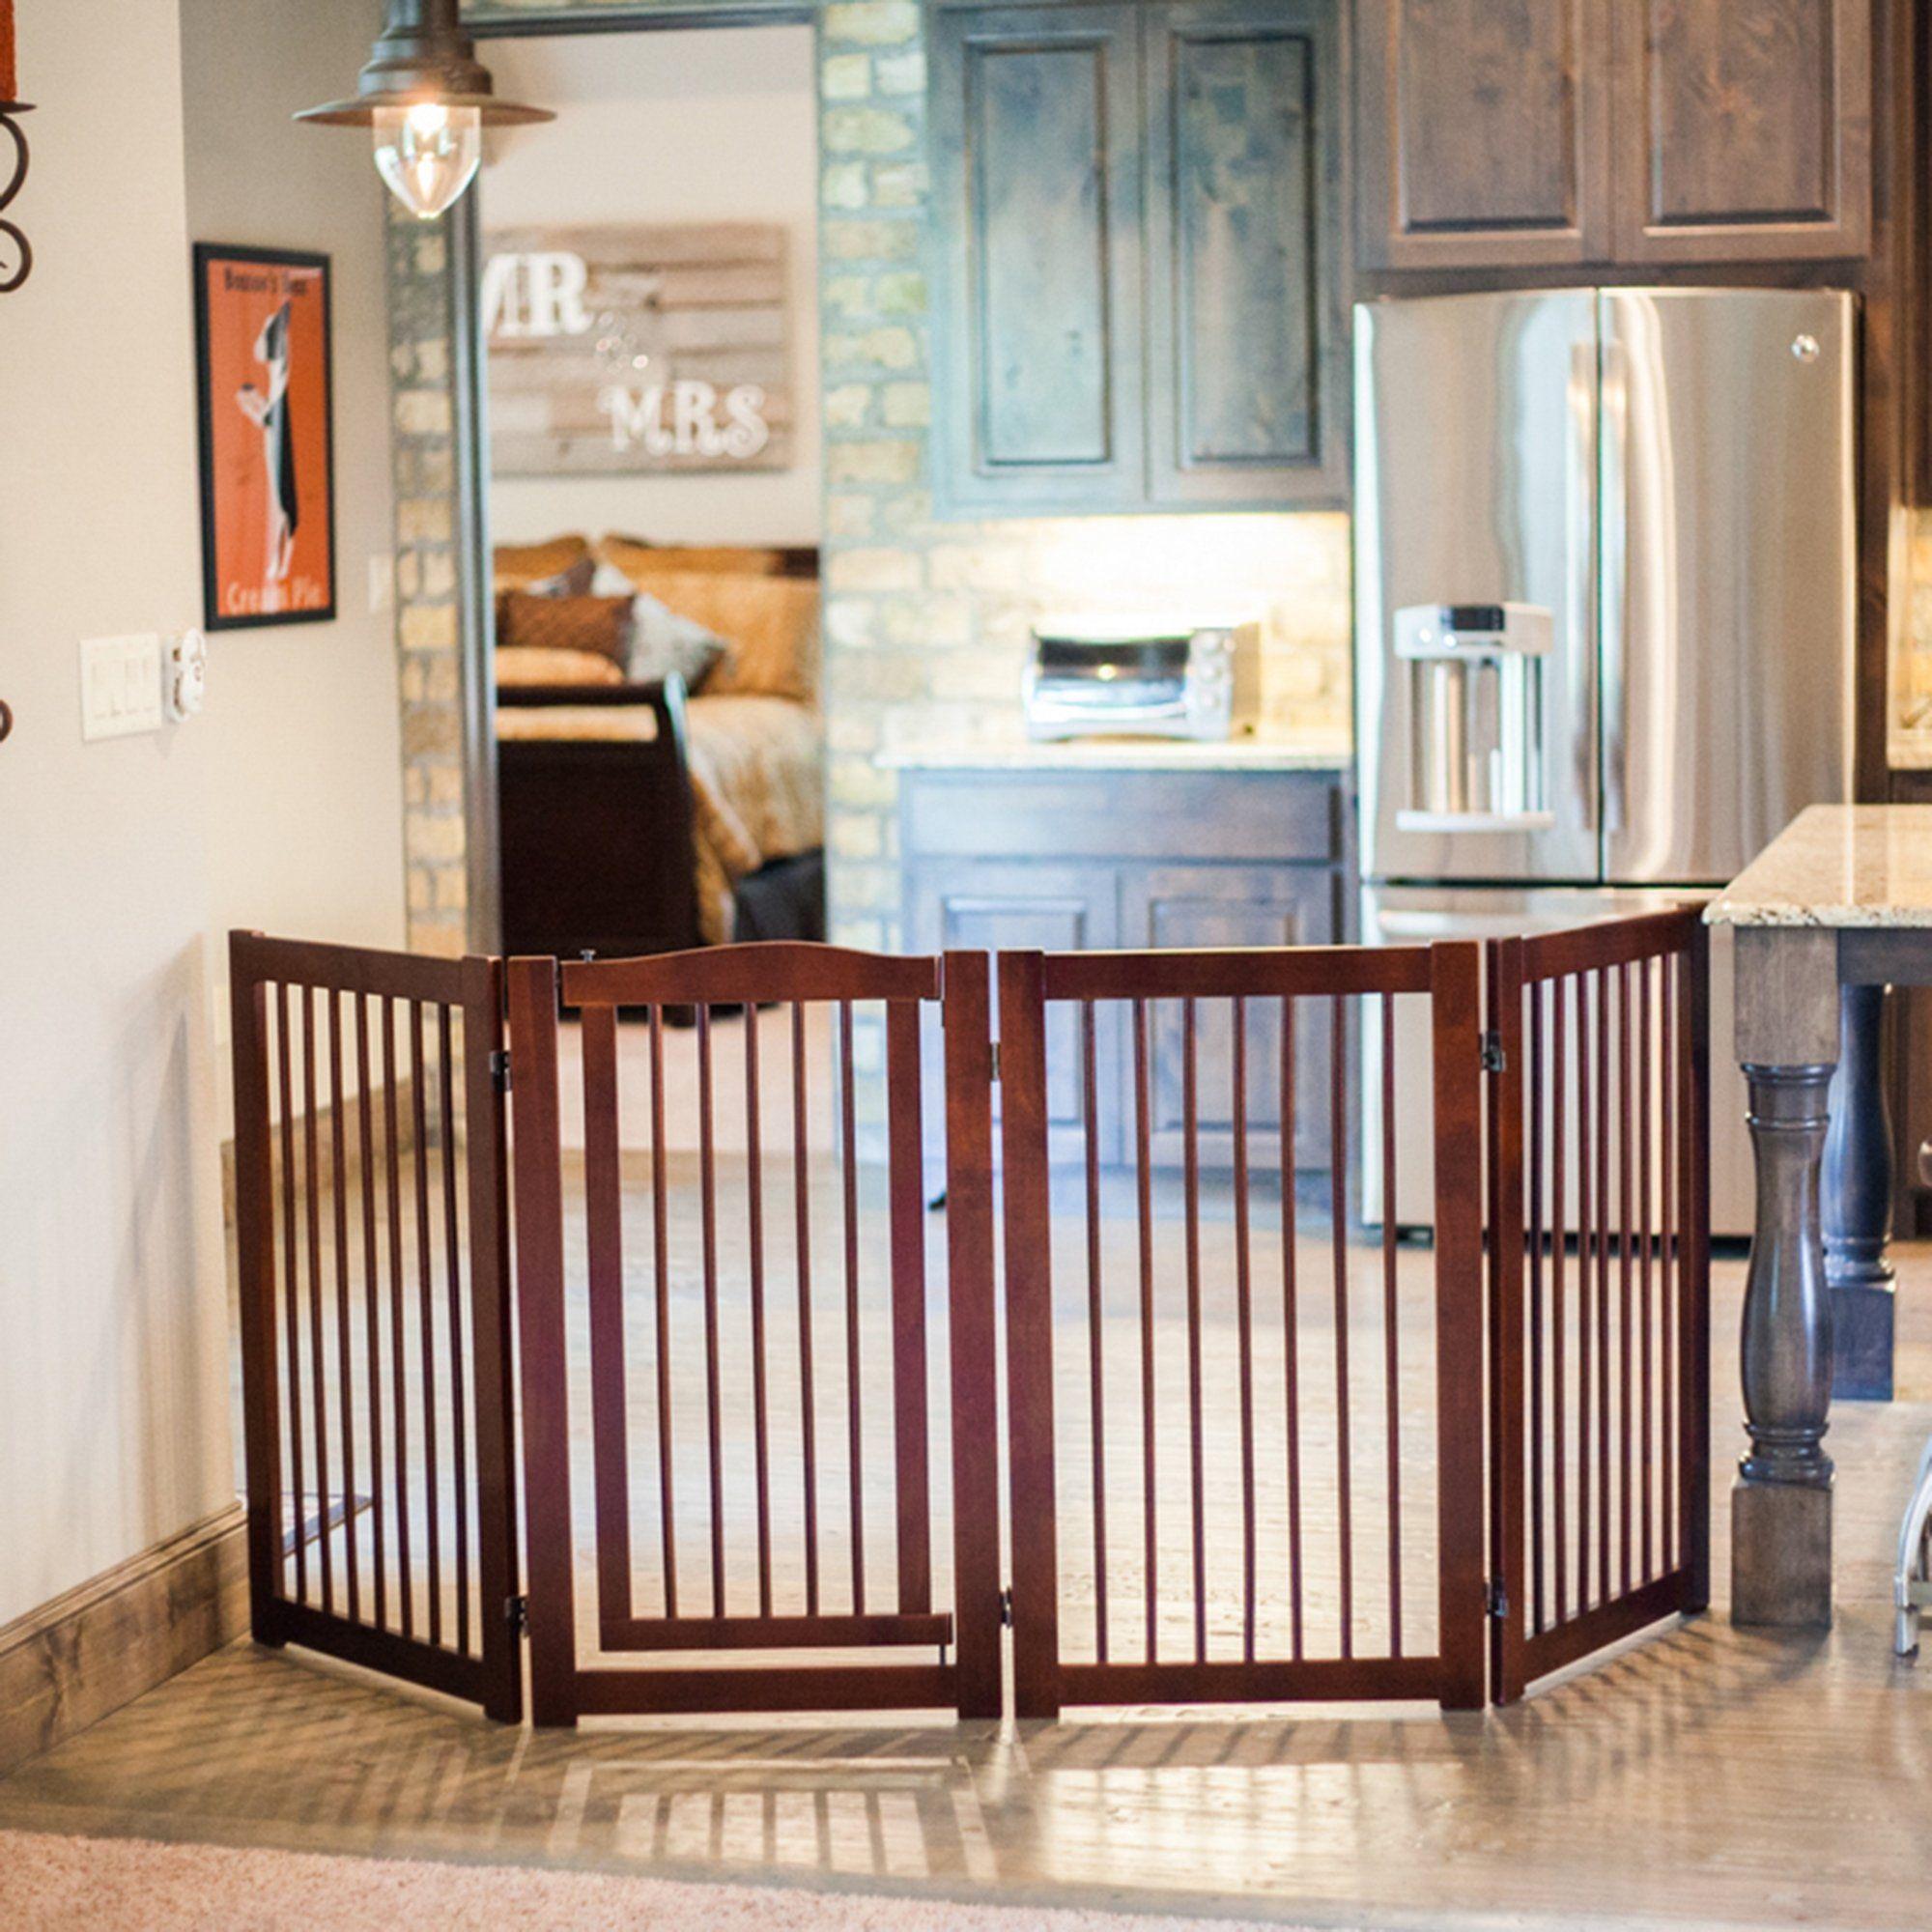 Primetime Petz 360 Configurable Pet Gate With Door 36 H Large